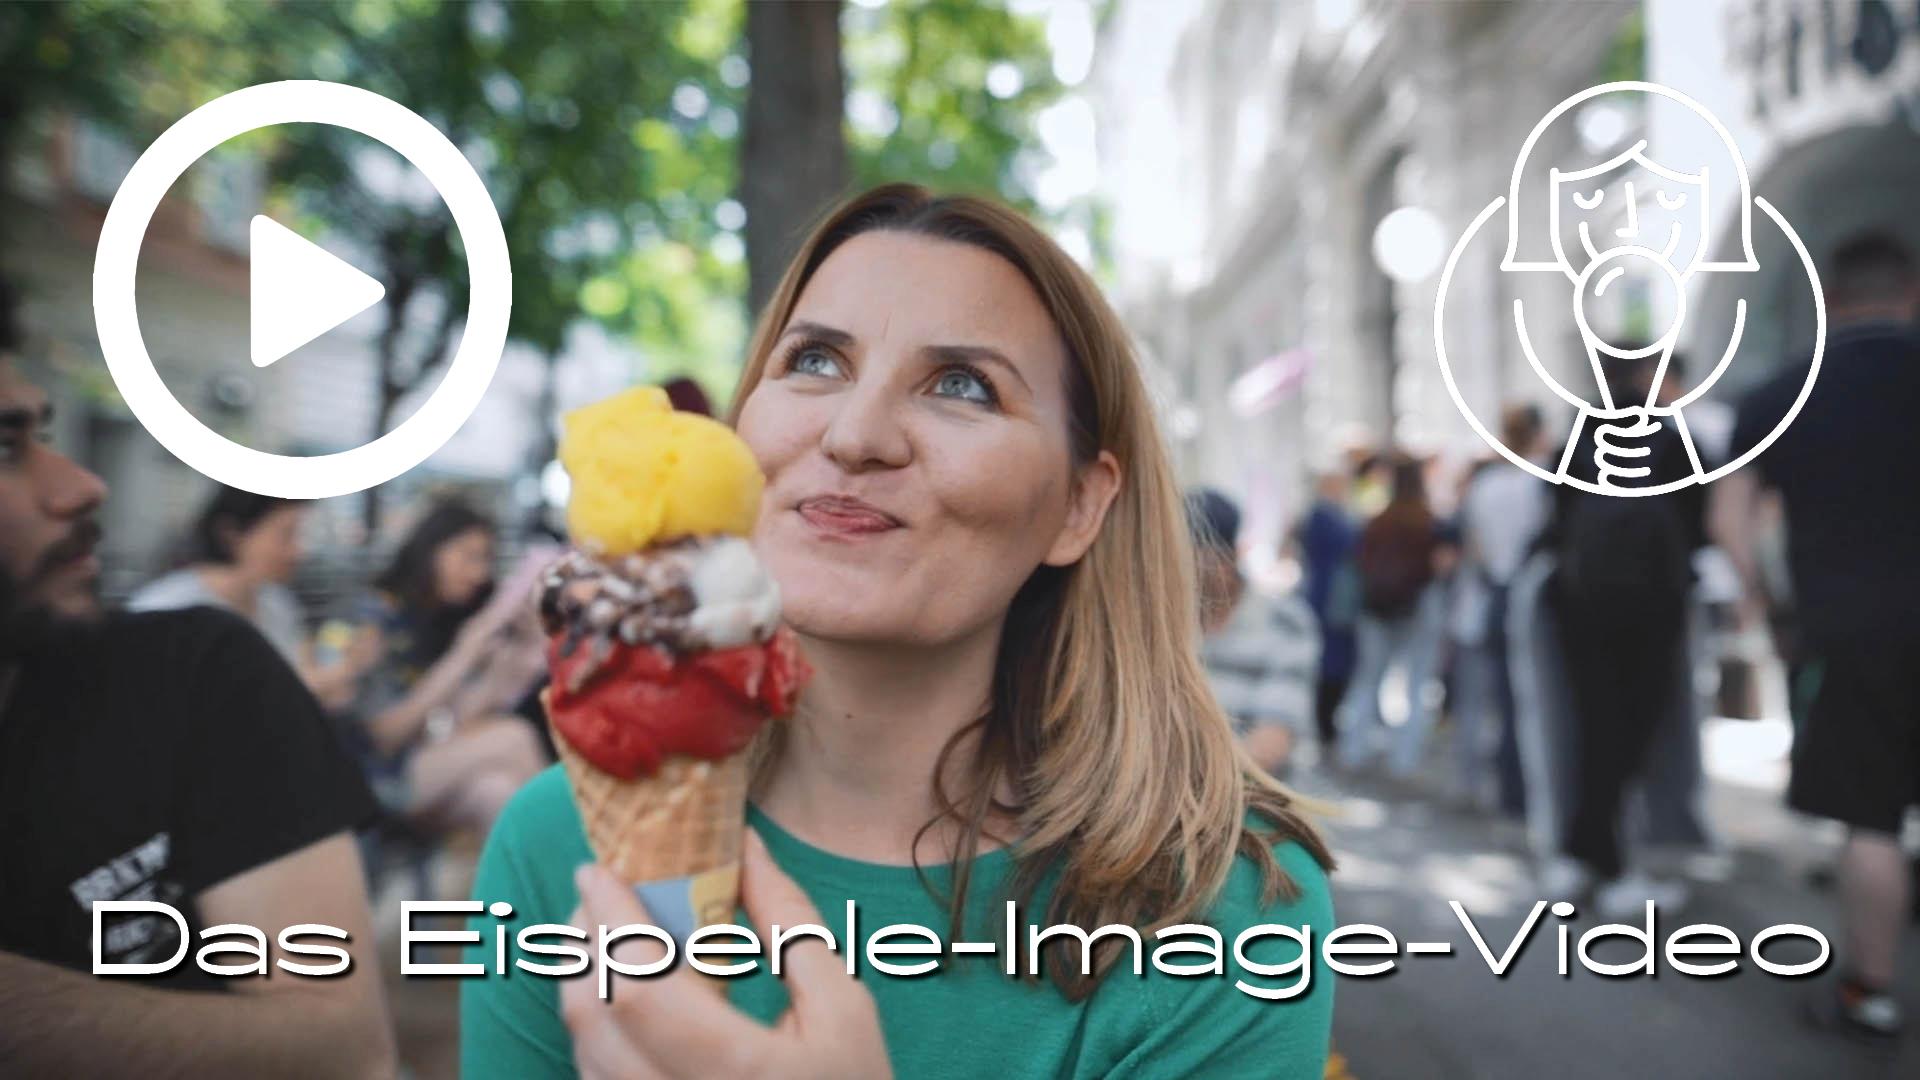 Das Eisperle Image-Video